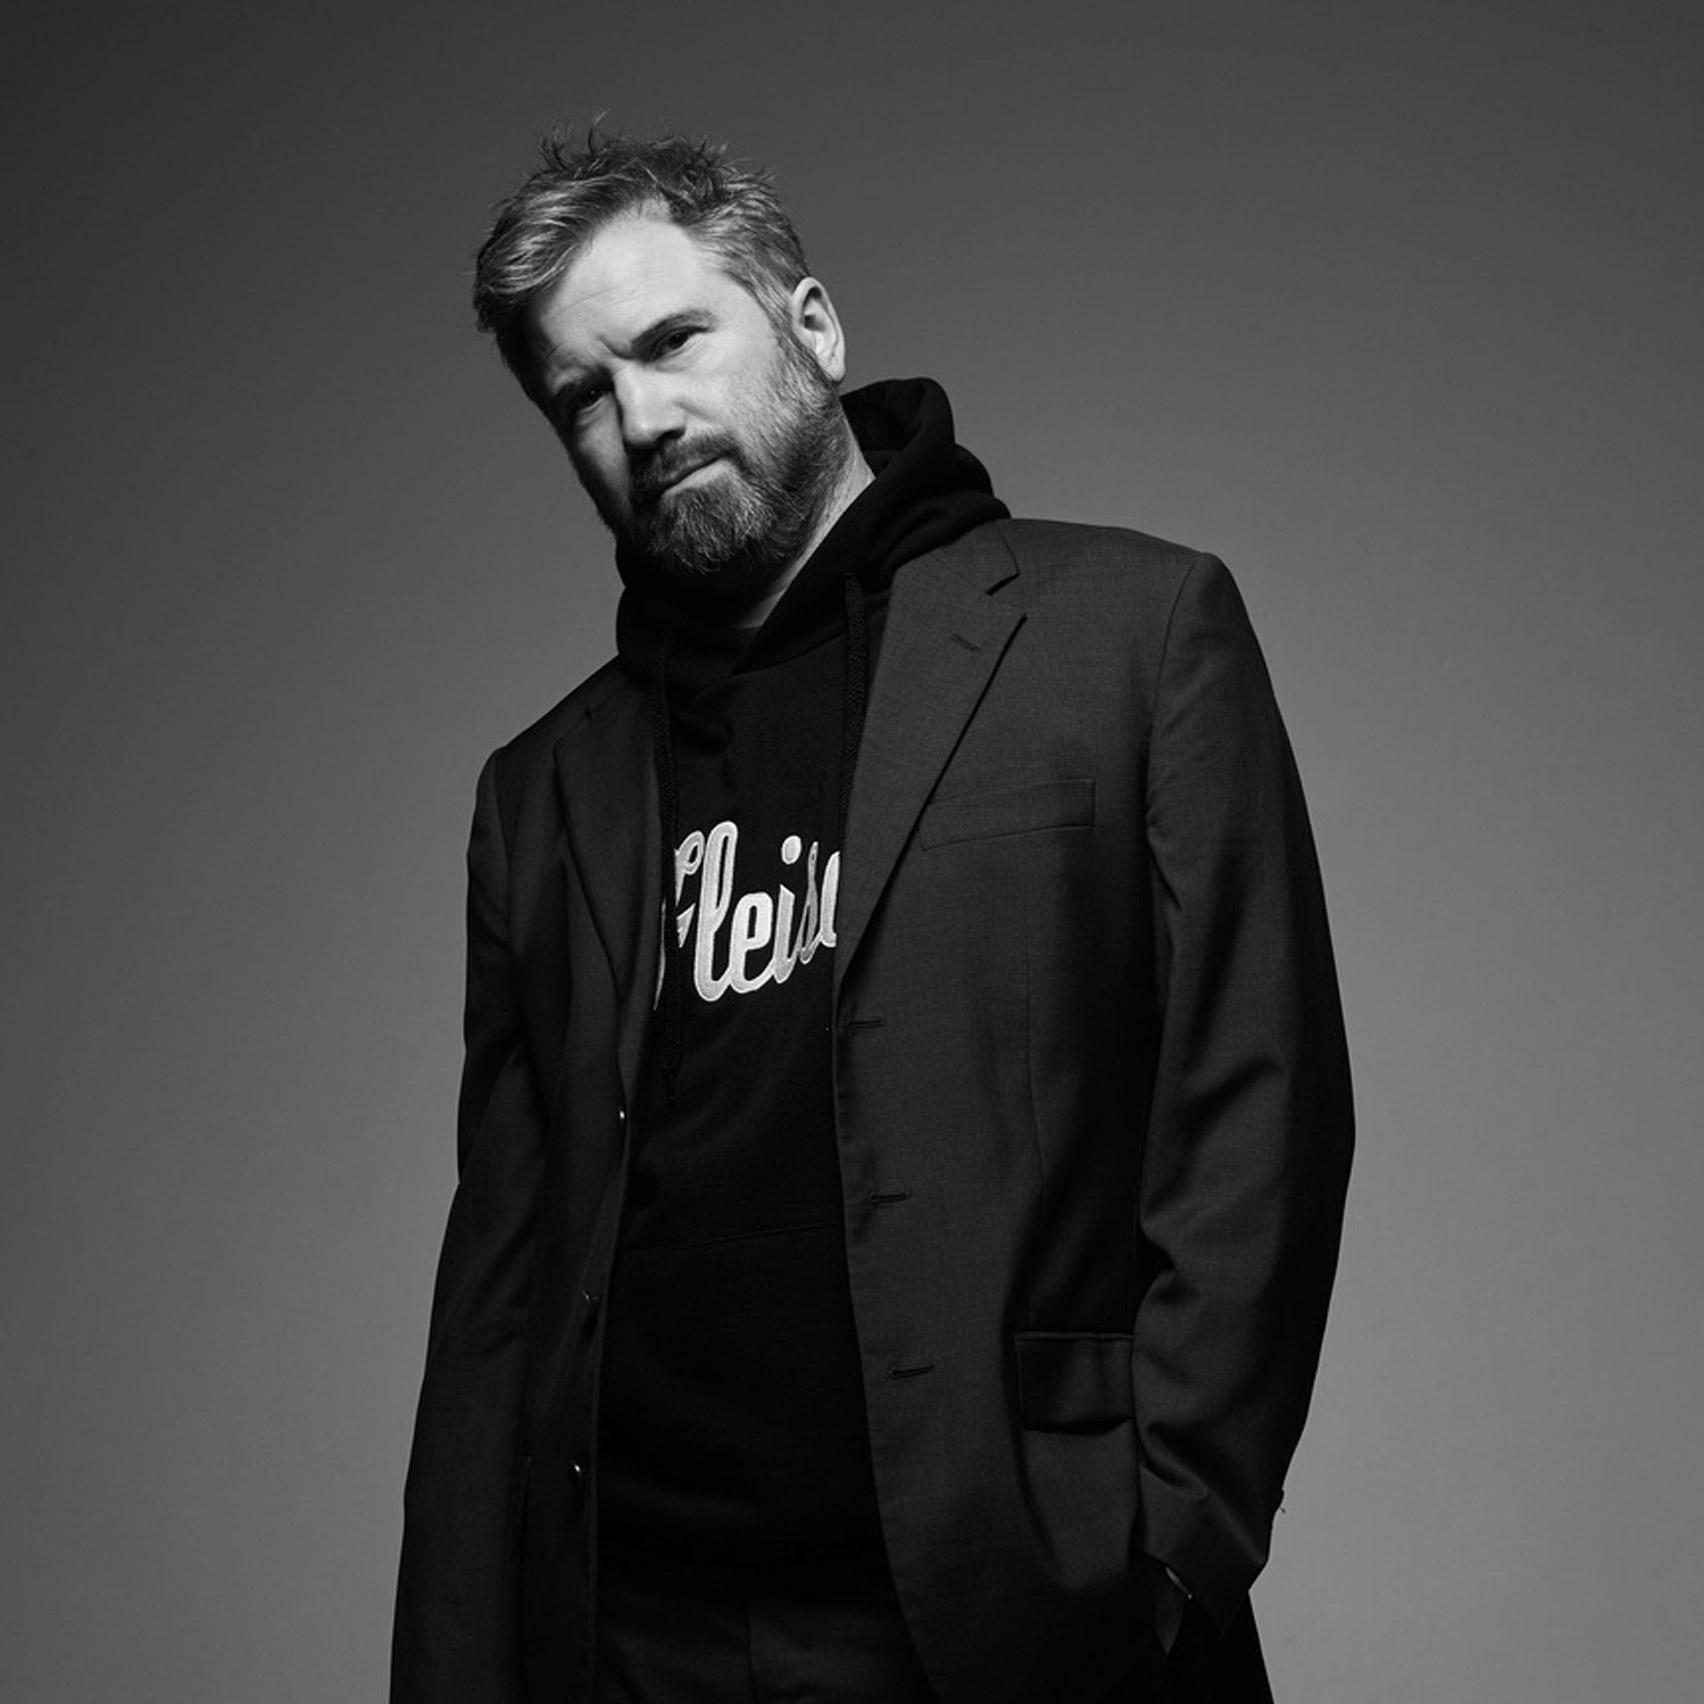 Portrait of photographer Mark Glassner